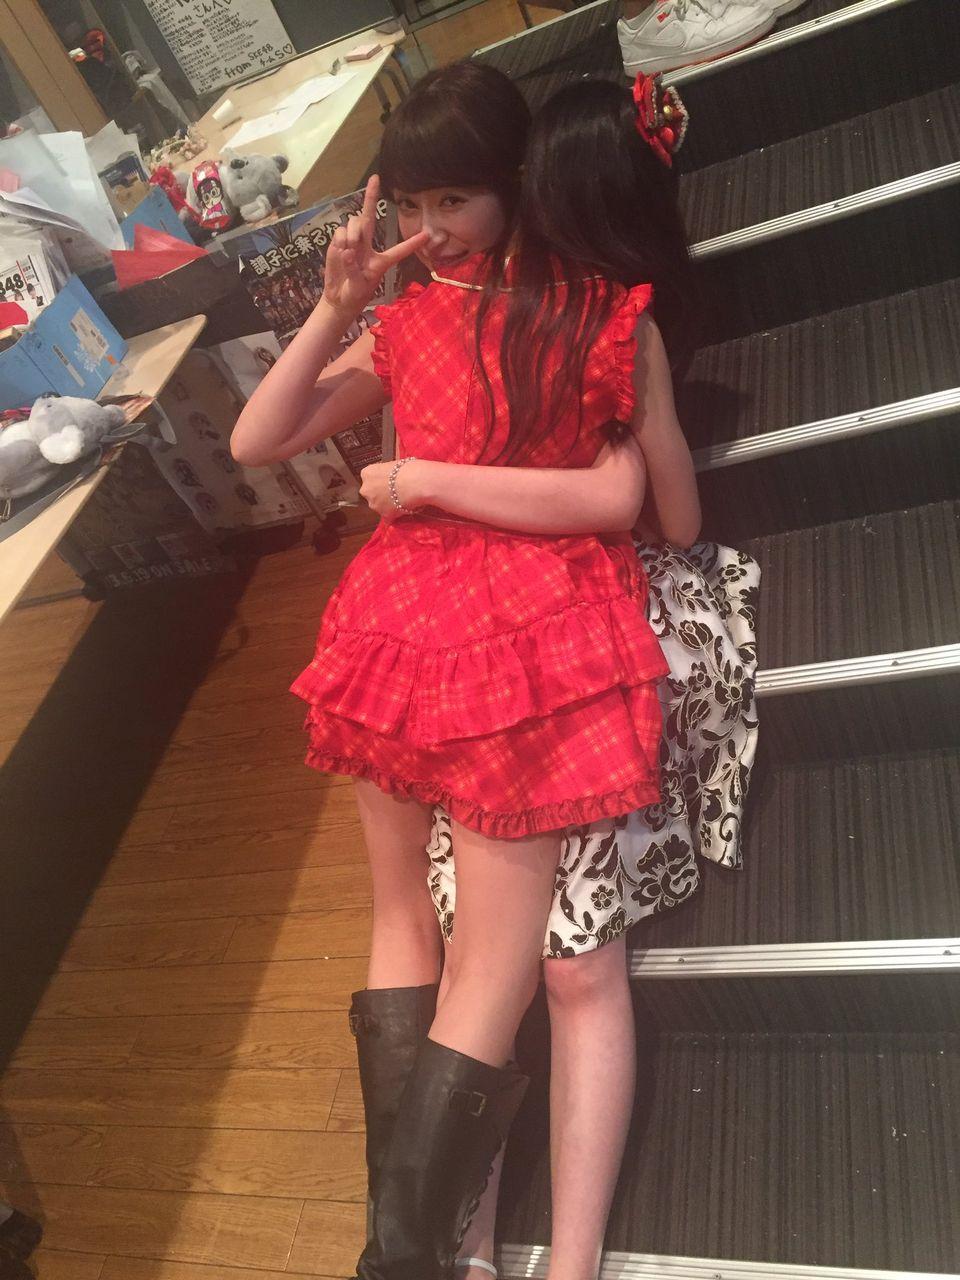 みるきーの卒業が悲しすぎて号泣する子供出現wwwwwwww【渡辺美優紀/西仲七海】